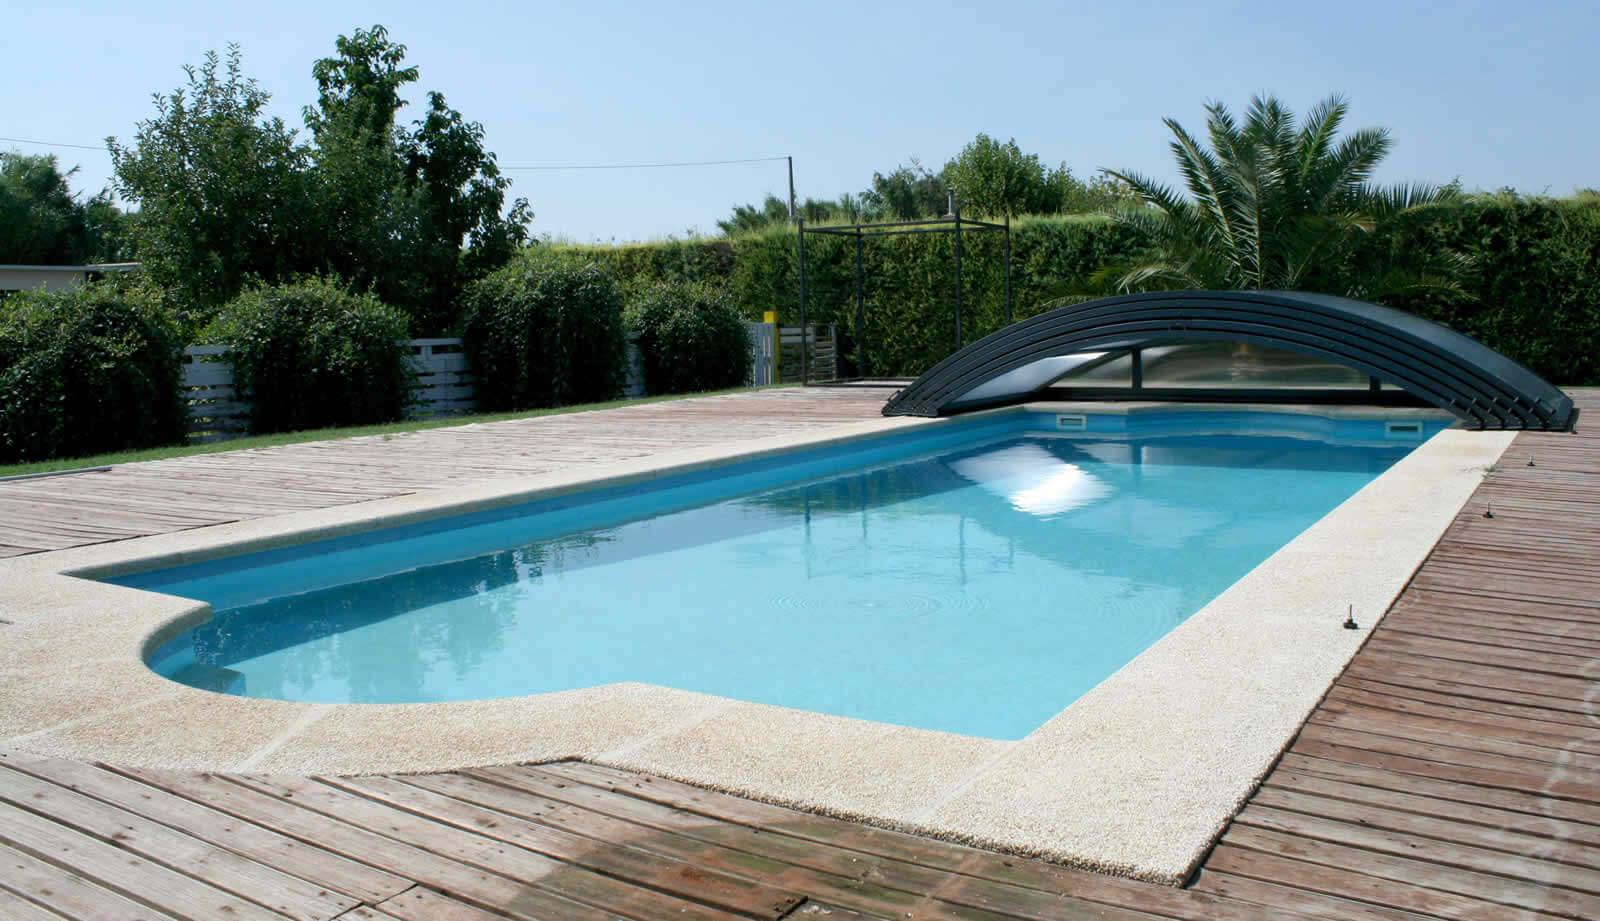 Calidad fabricaci n y calidad de control tecnyvan cubiertas para piscinas - Fabricacion de piscinas ...